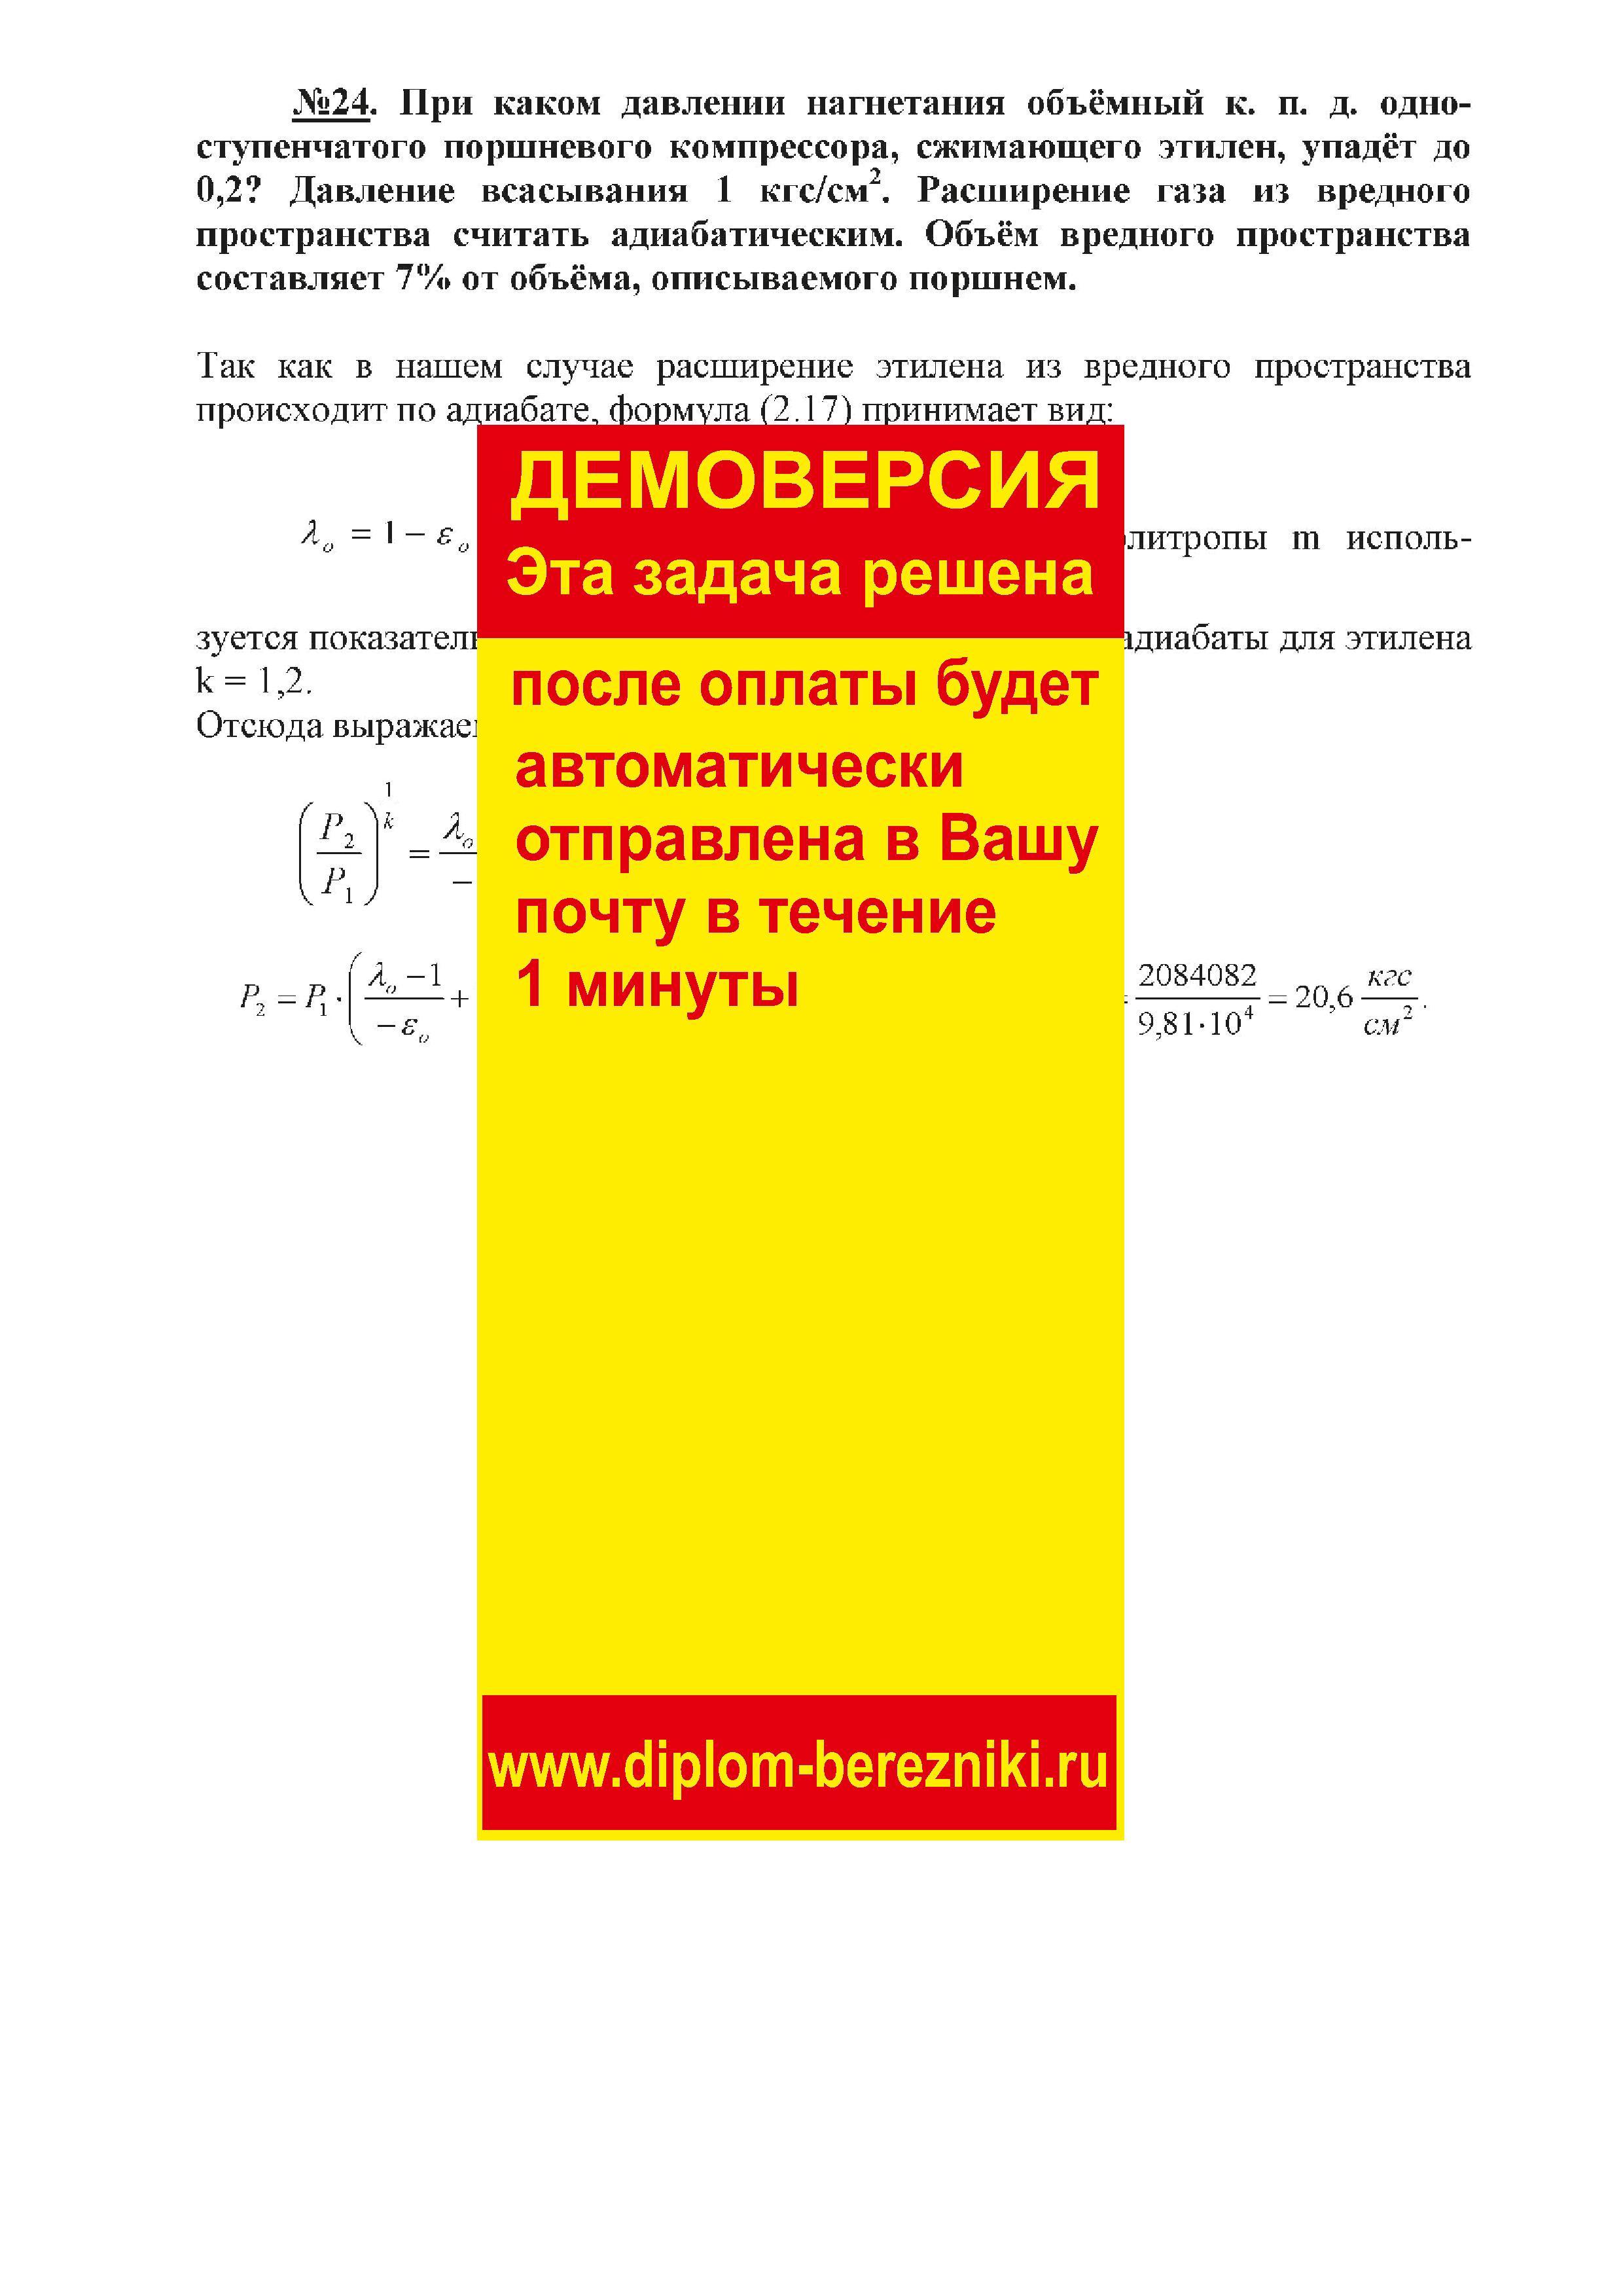 Решение задачи 2.24 по ПАХТ из задачника Павлова Романкова Носкова